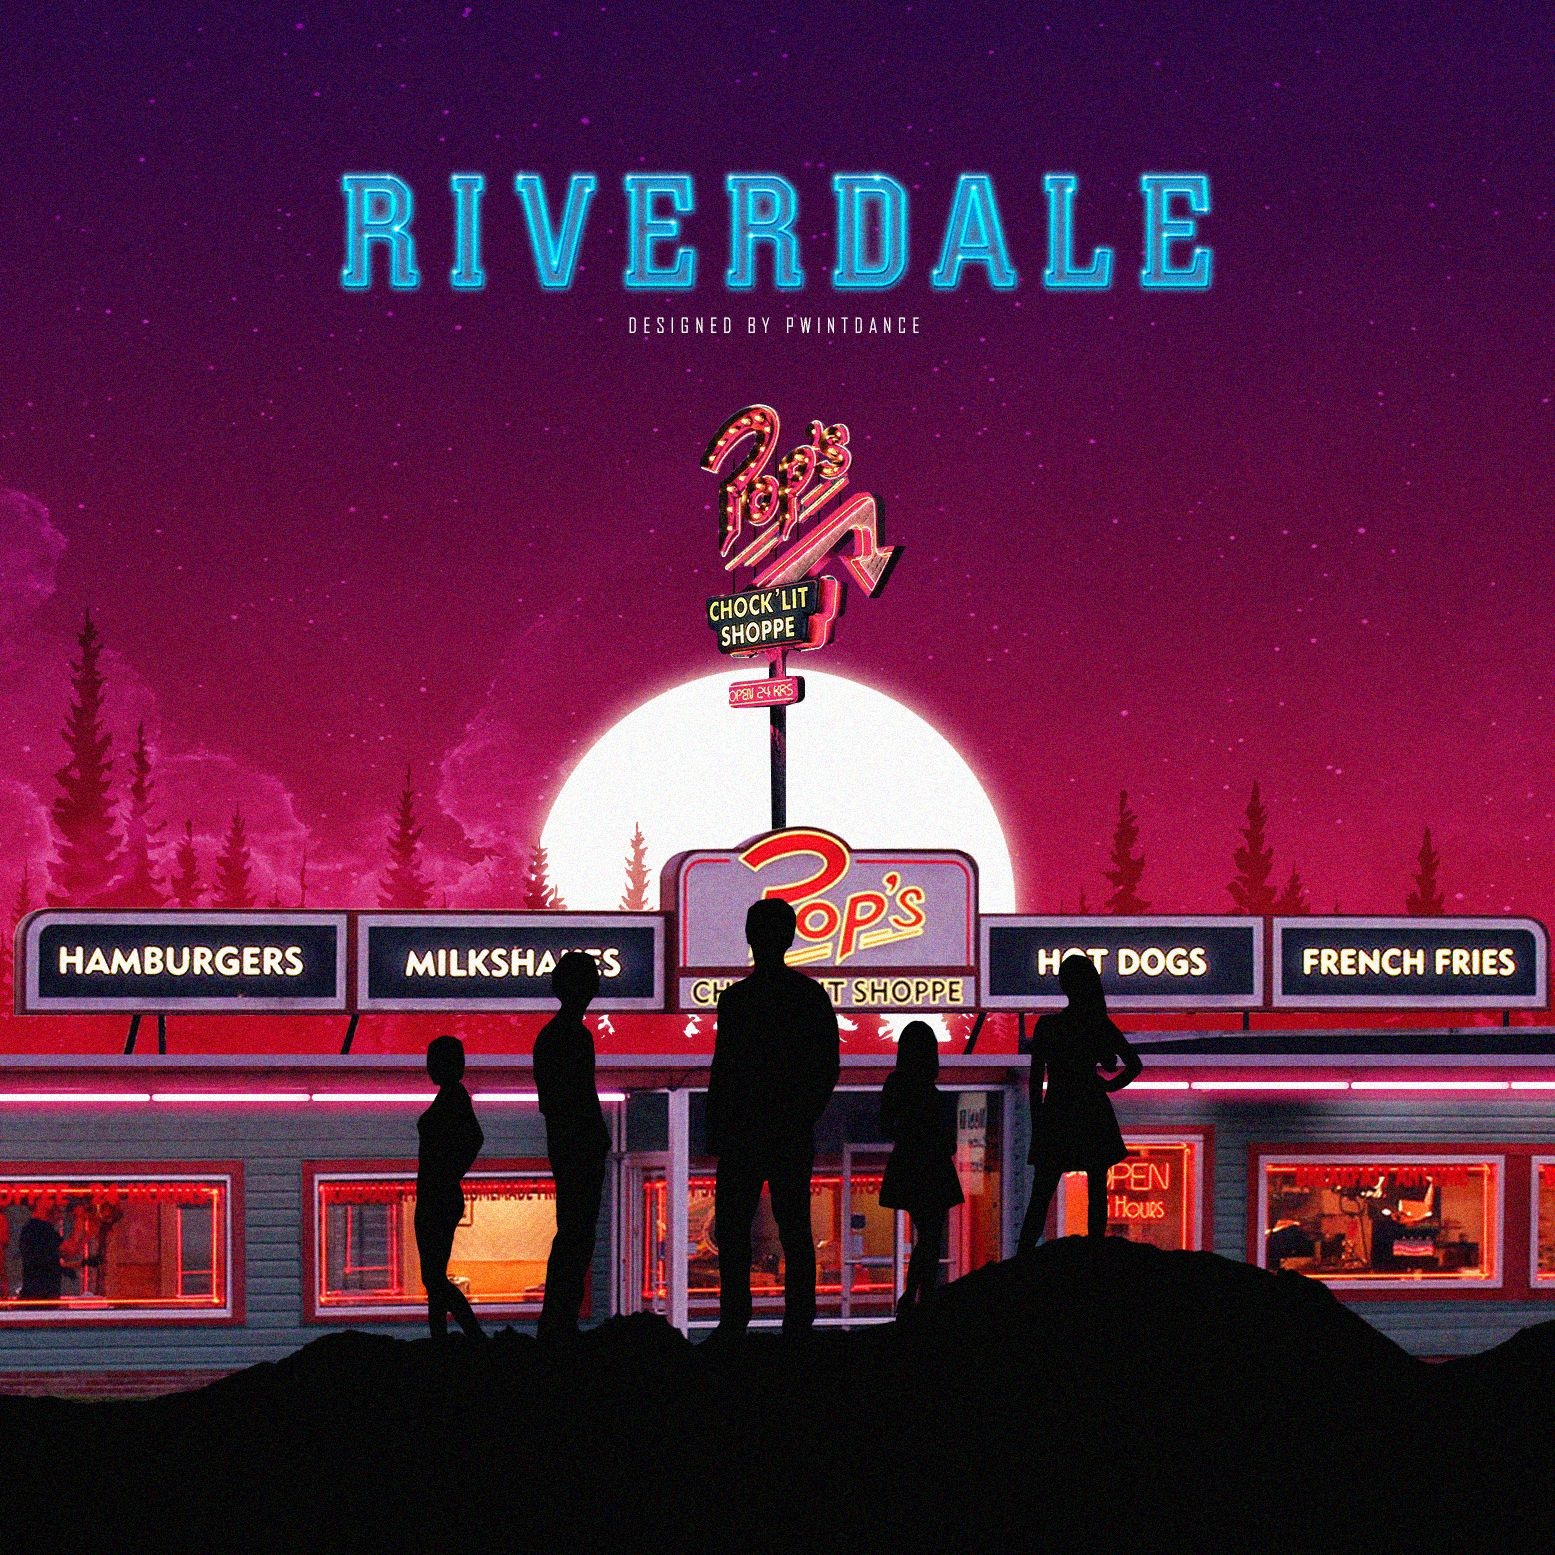 Riverdale Wallpaper Serpents: Riverdale Tumblr Wallpaper Pc